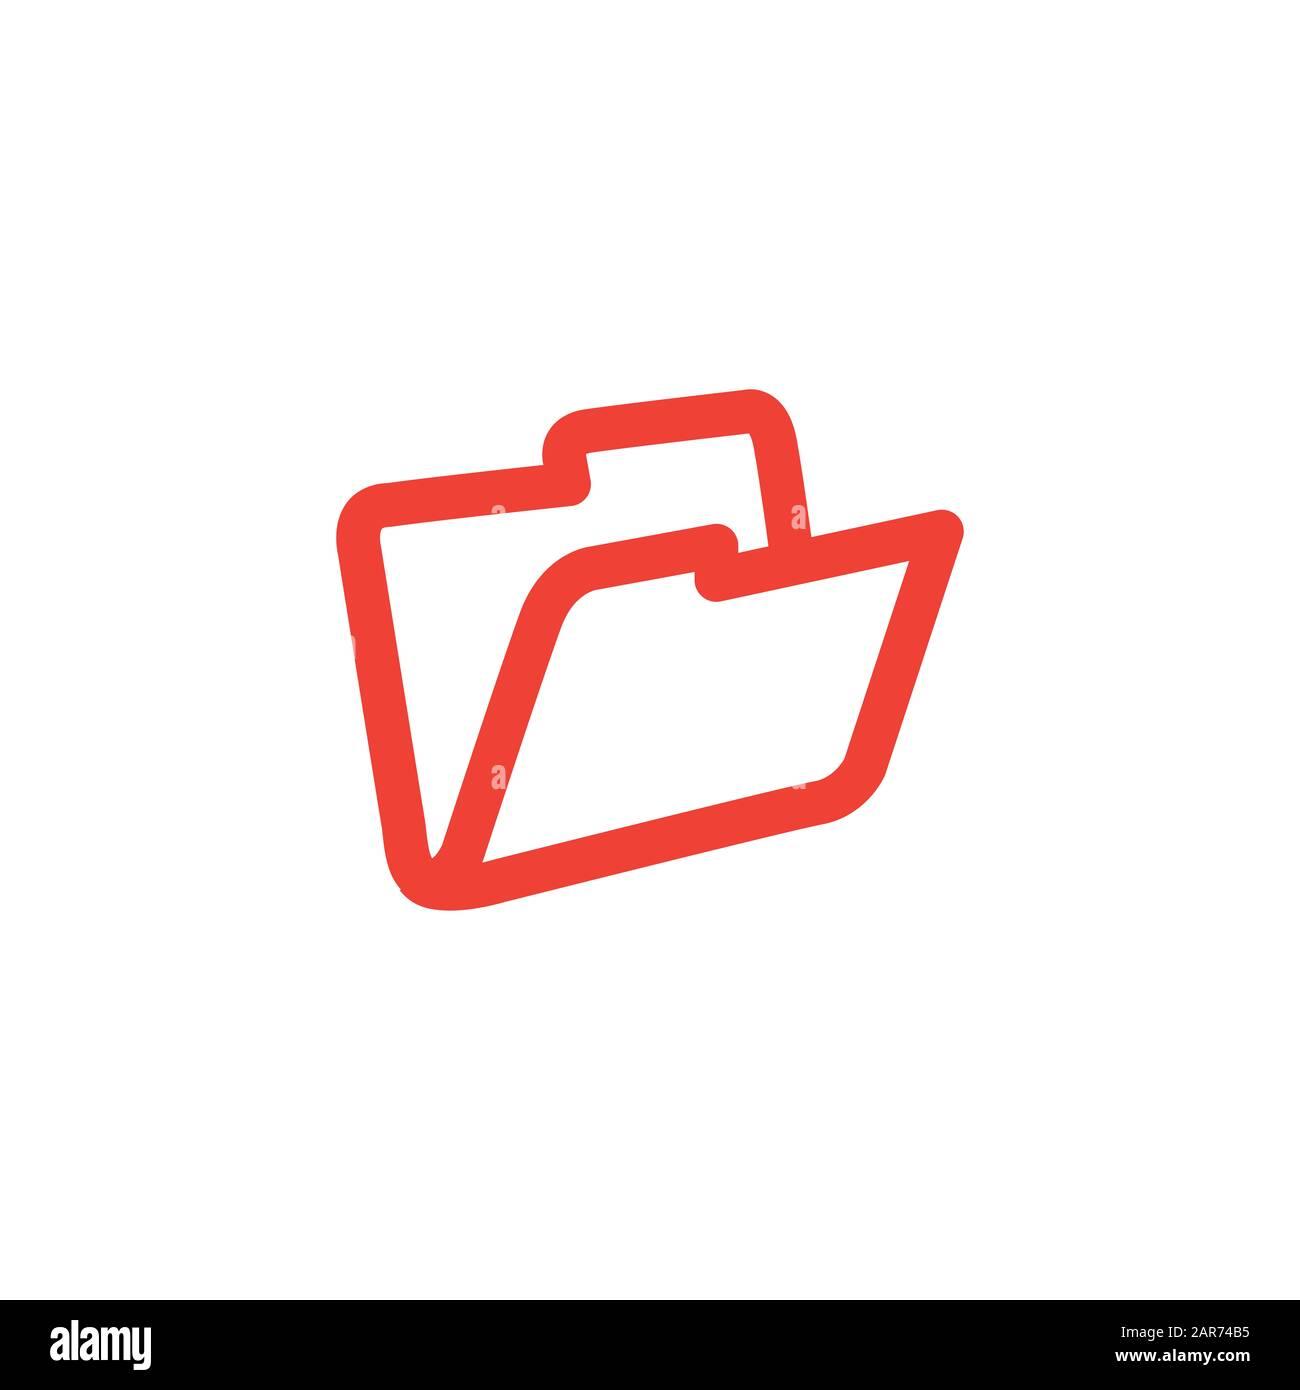 Icône Rouge Du Dossier Sur Fond Blanc. Illustration Vectorielle De Style Plat Rouge. Banque D'Images